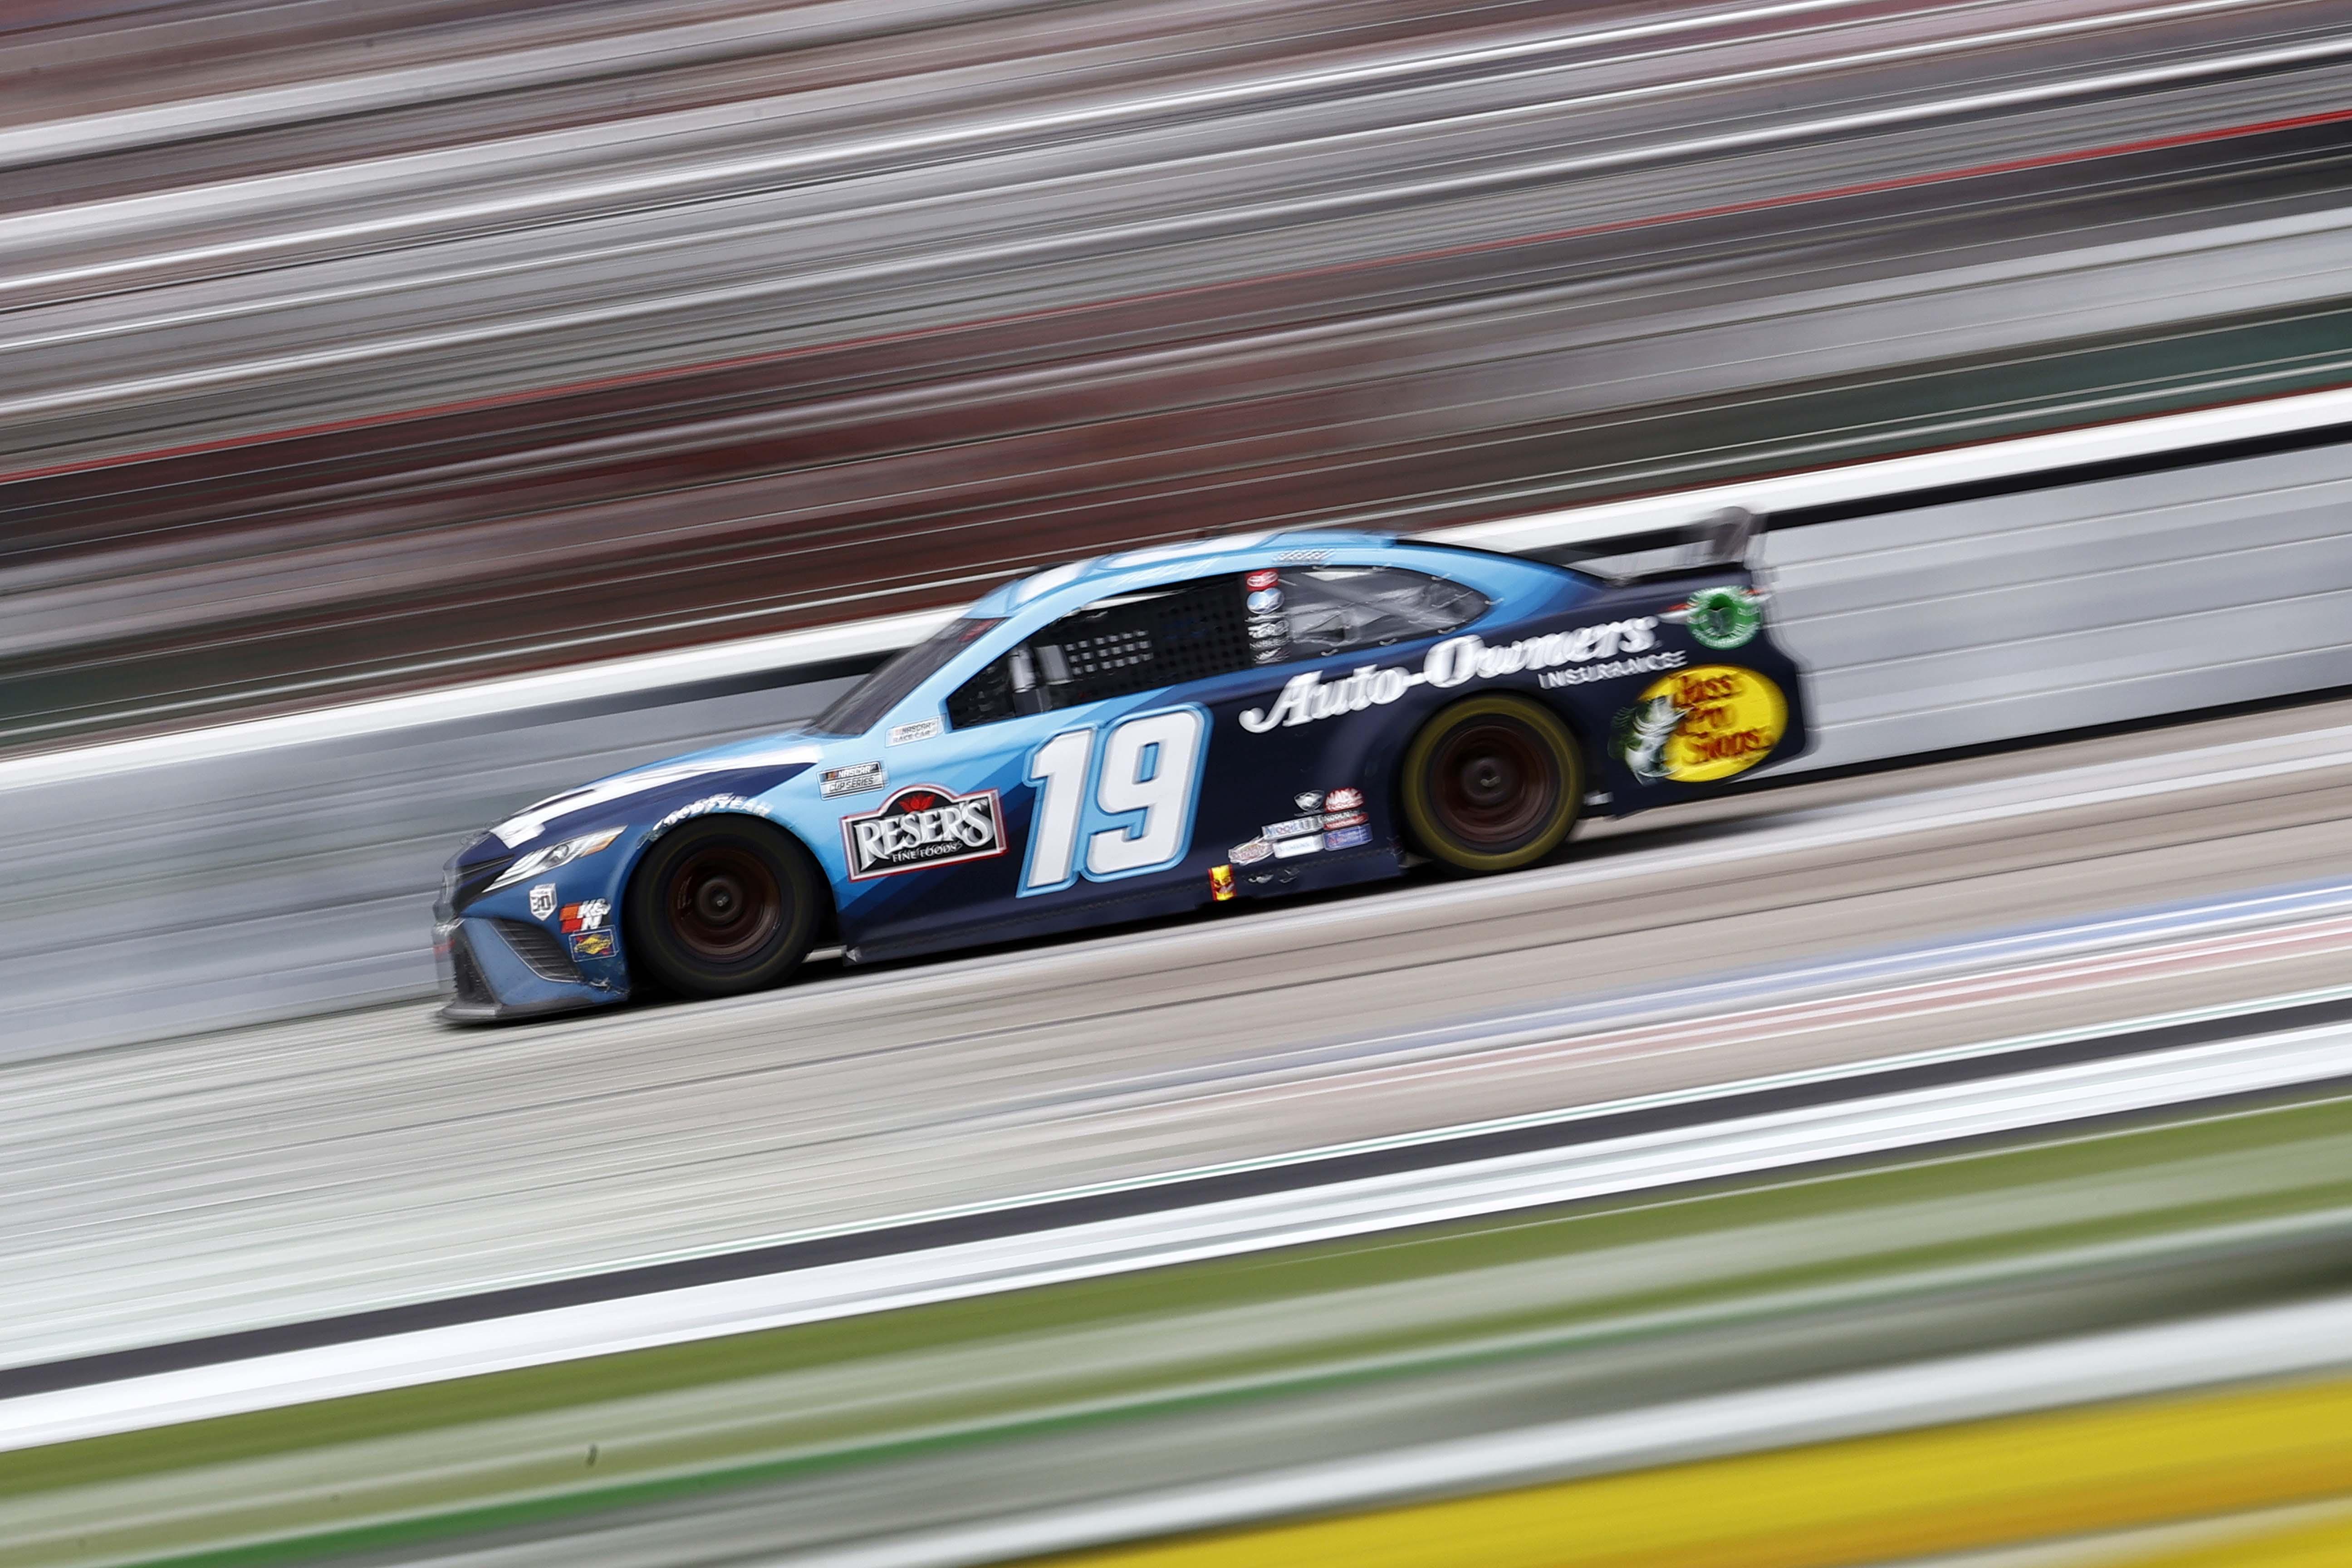 Martin Truex Jr - Atlanta Motor Speedway - NASCAR Cup Series